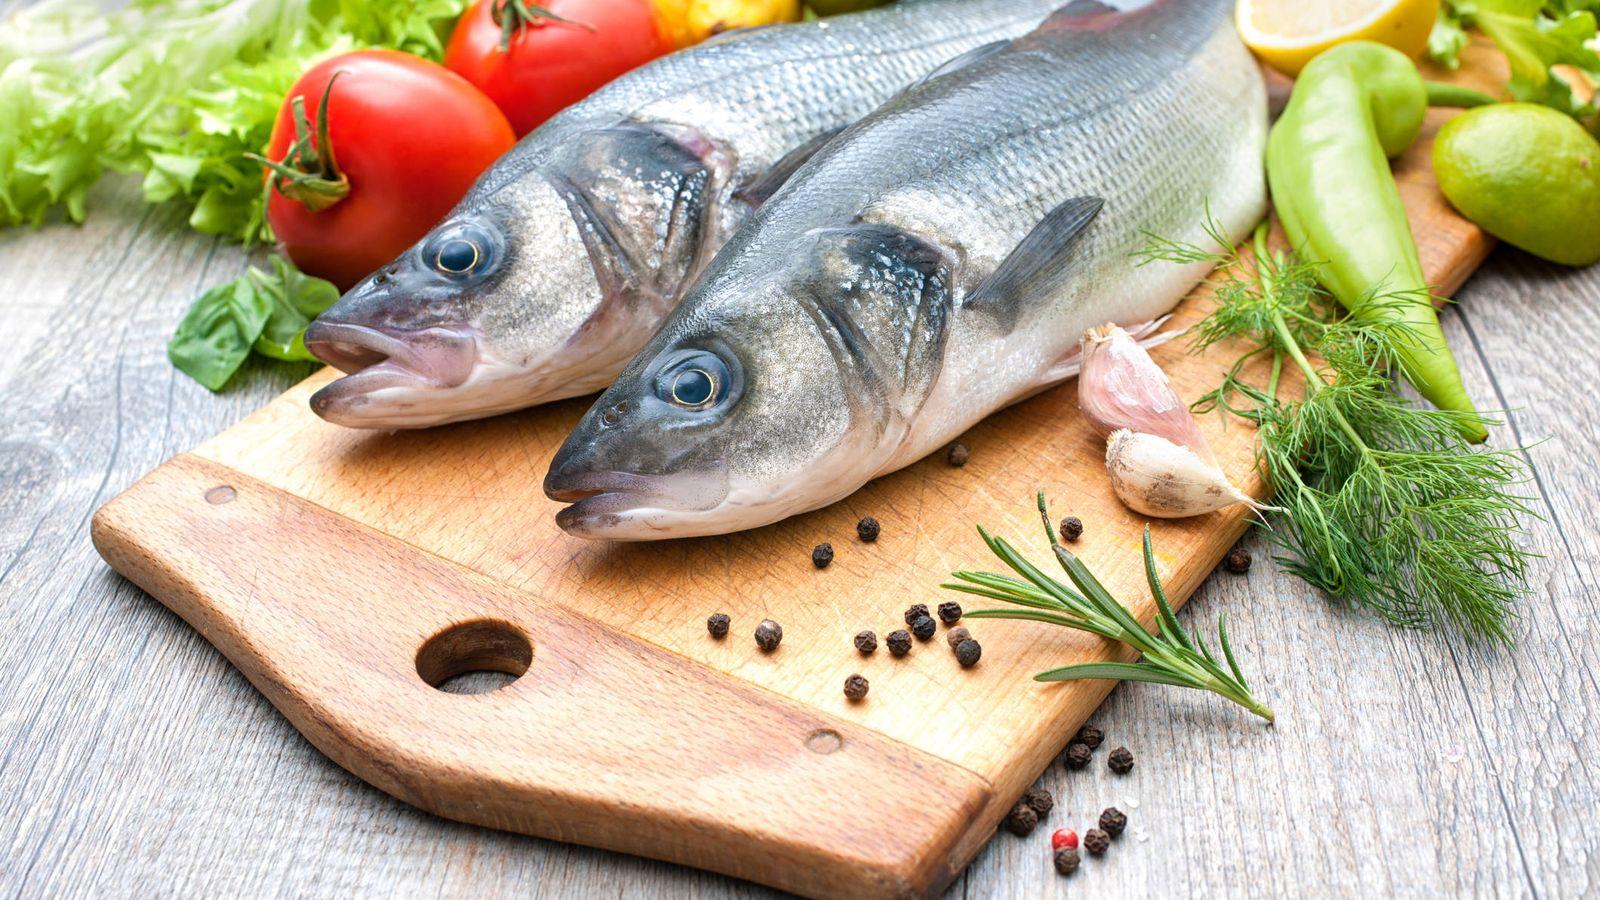 ¿Es seguro y saludable comer pescado crudo?